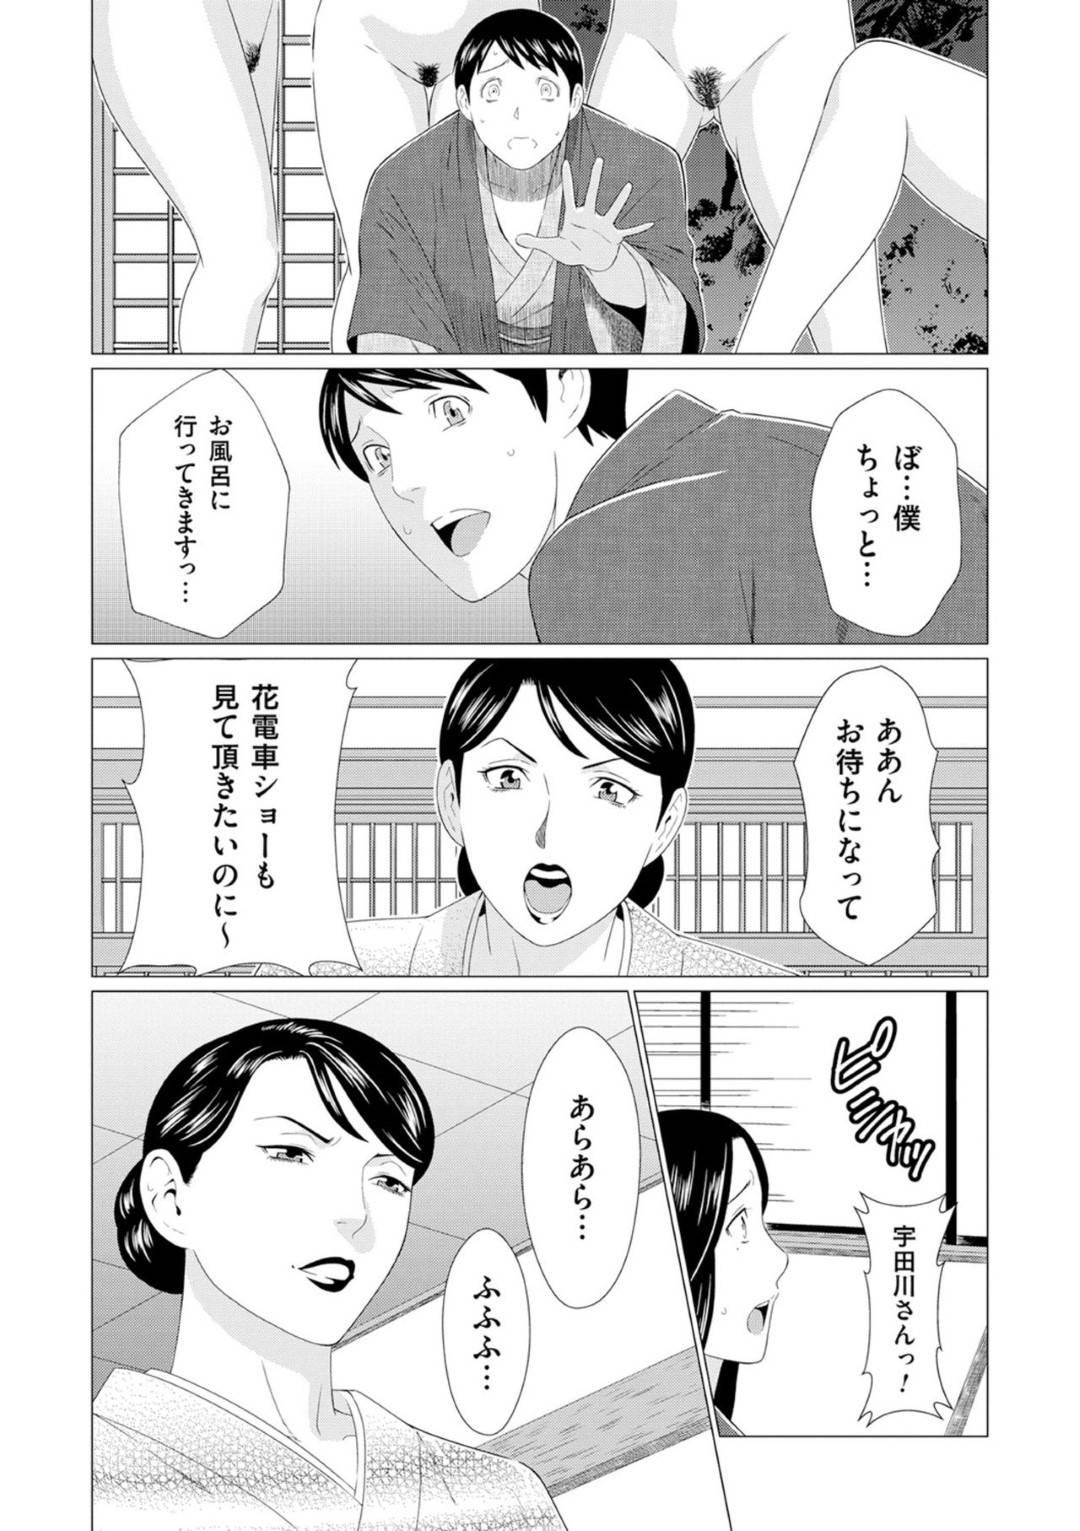 【エロ漫画】実家の宿で宇田川と初めての夜を迎えようとしていた鏡子。そこへ鏡子に婿を取らせまいと義姉・美津子が送り込んできたピンクコンパニオンが闖入し、美津子は図らずも宇田川から鏡子を救ってしまった。鏡子を救ったのは美津子のそれだけではなかったが、鏡子はそんなこと知る由もなく、運命の相手と思った宇田川に騙されていたことに憔悴する。一方、美津子は…